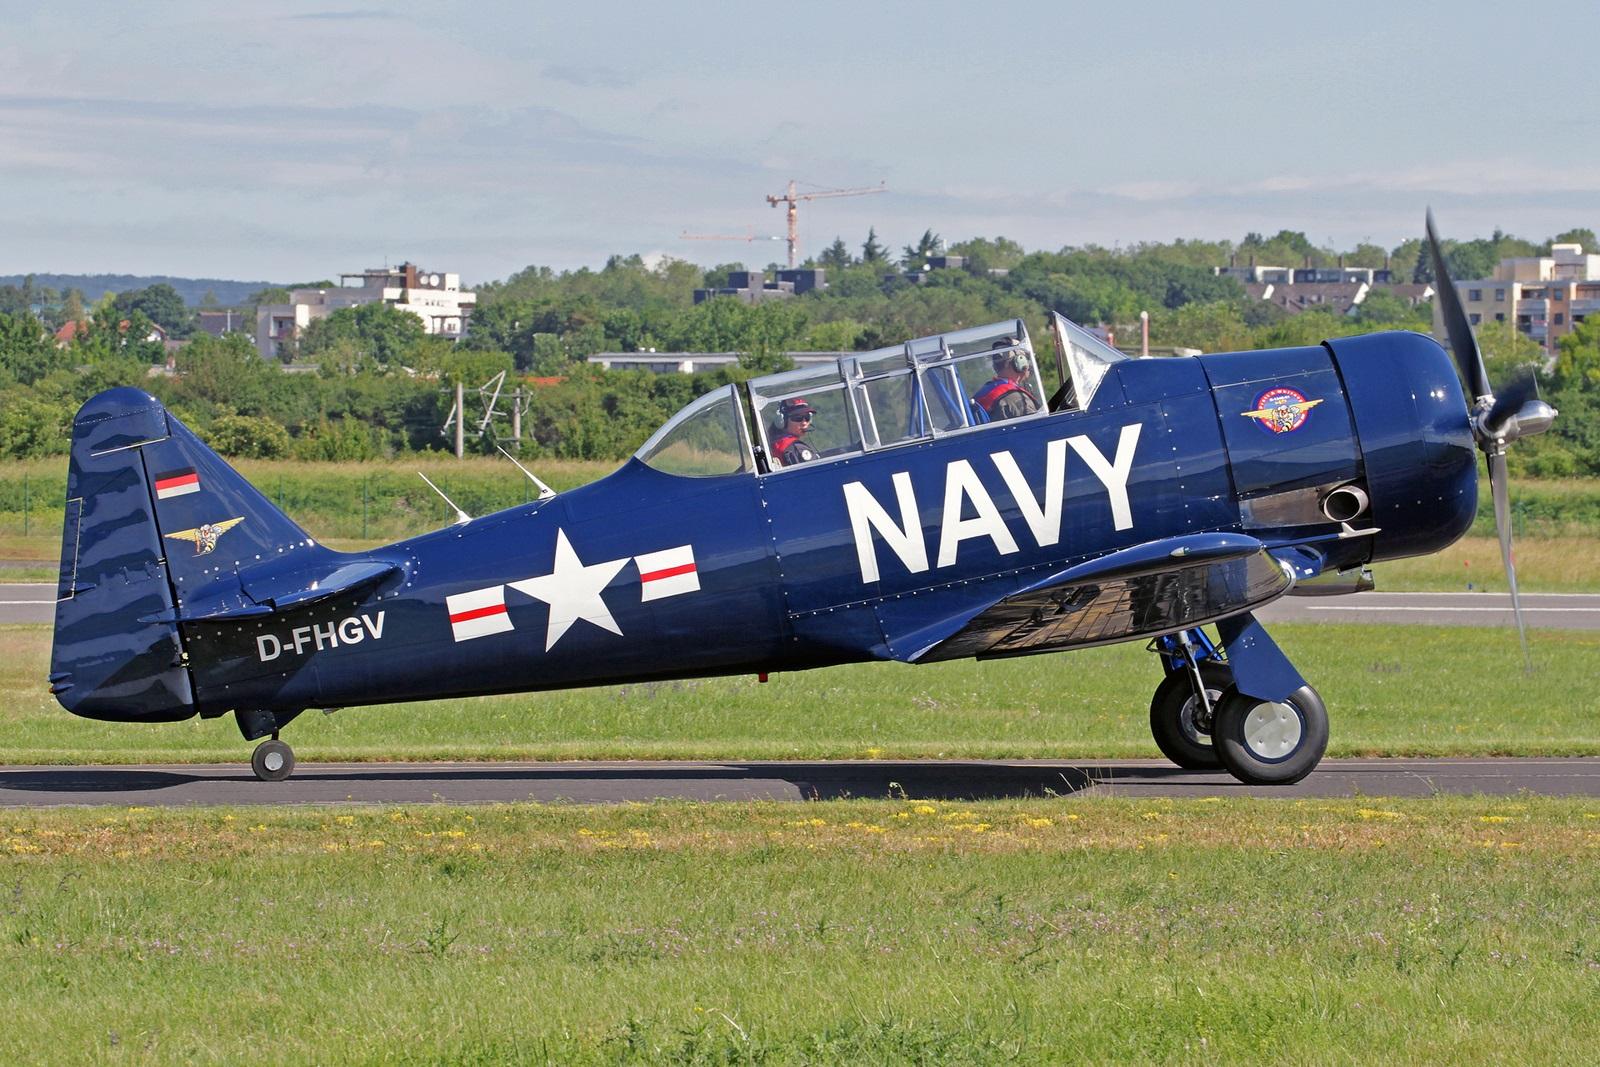 D-FHGV - Gebaut als North American AT-6 Harvard II wurde diese Maschine am 22. April 1941 als Kennung 3771 an die Royal Canadian Air Force ausgeliefert. Über viele Eigentümer in Nordamerika wurde sie 2010 mit der Kennung NX90541 nach Deutschland verkauft.